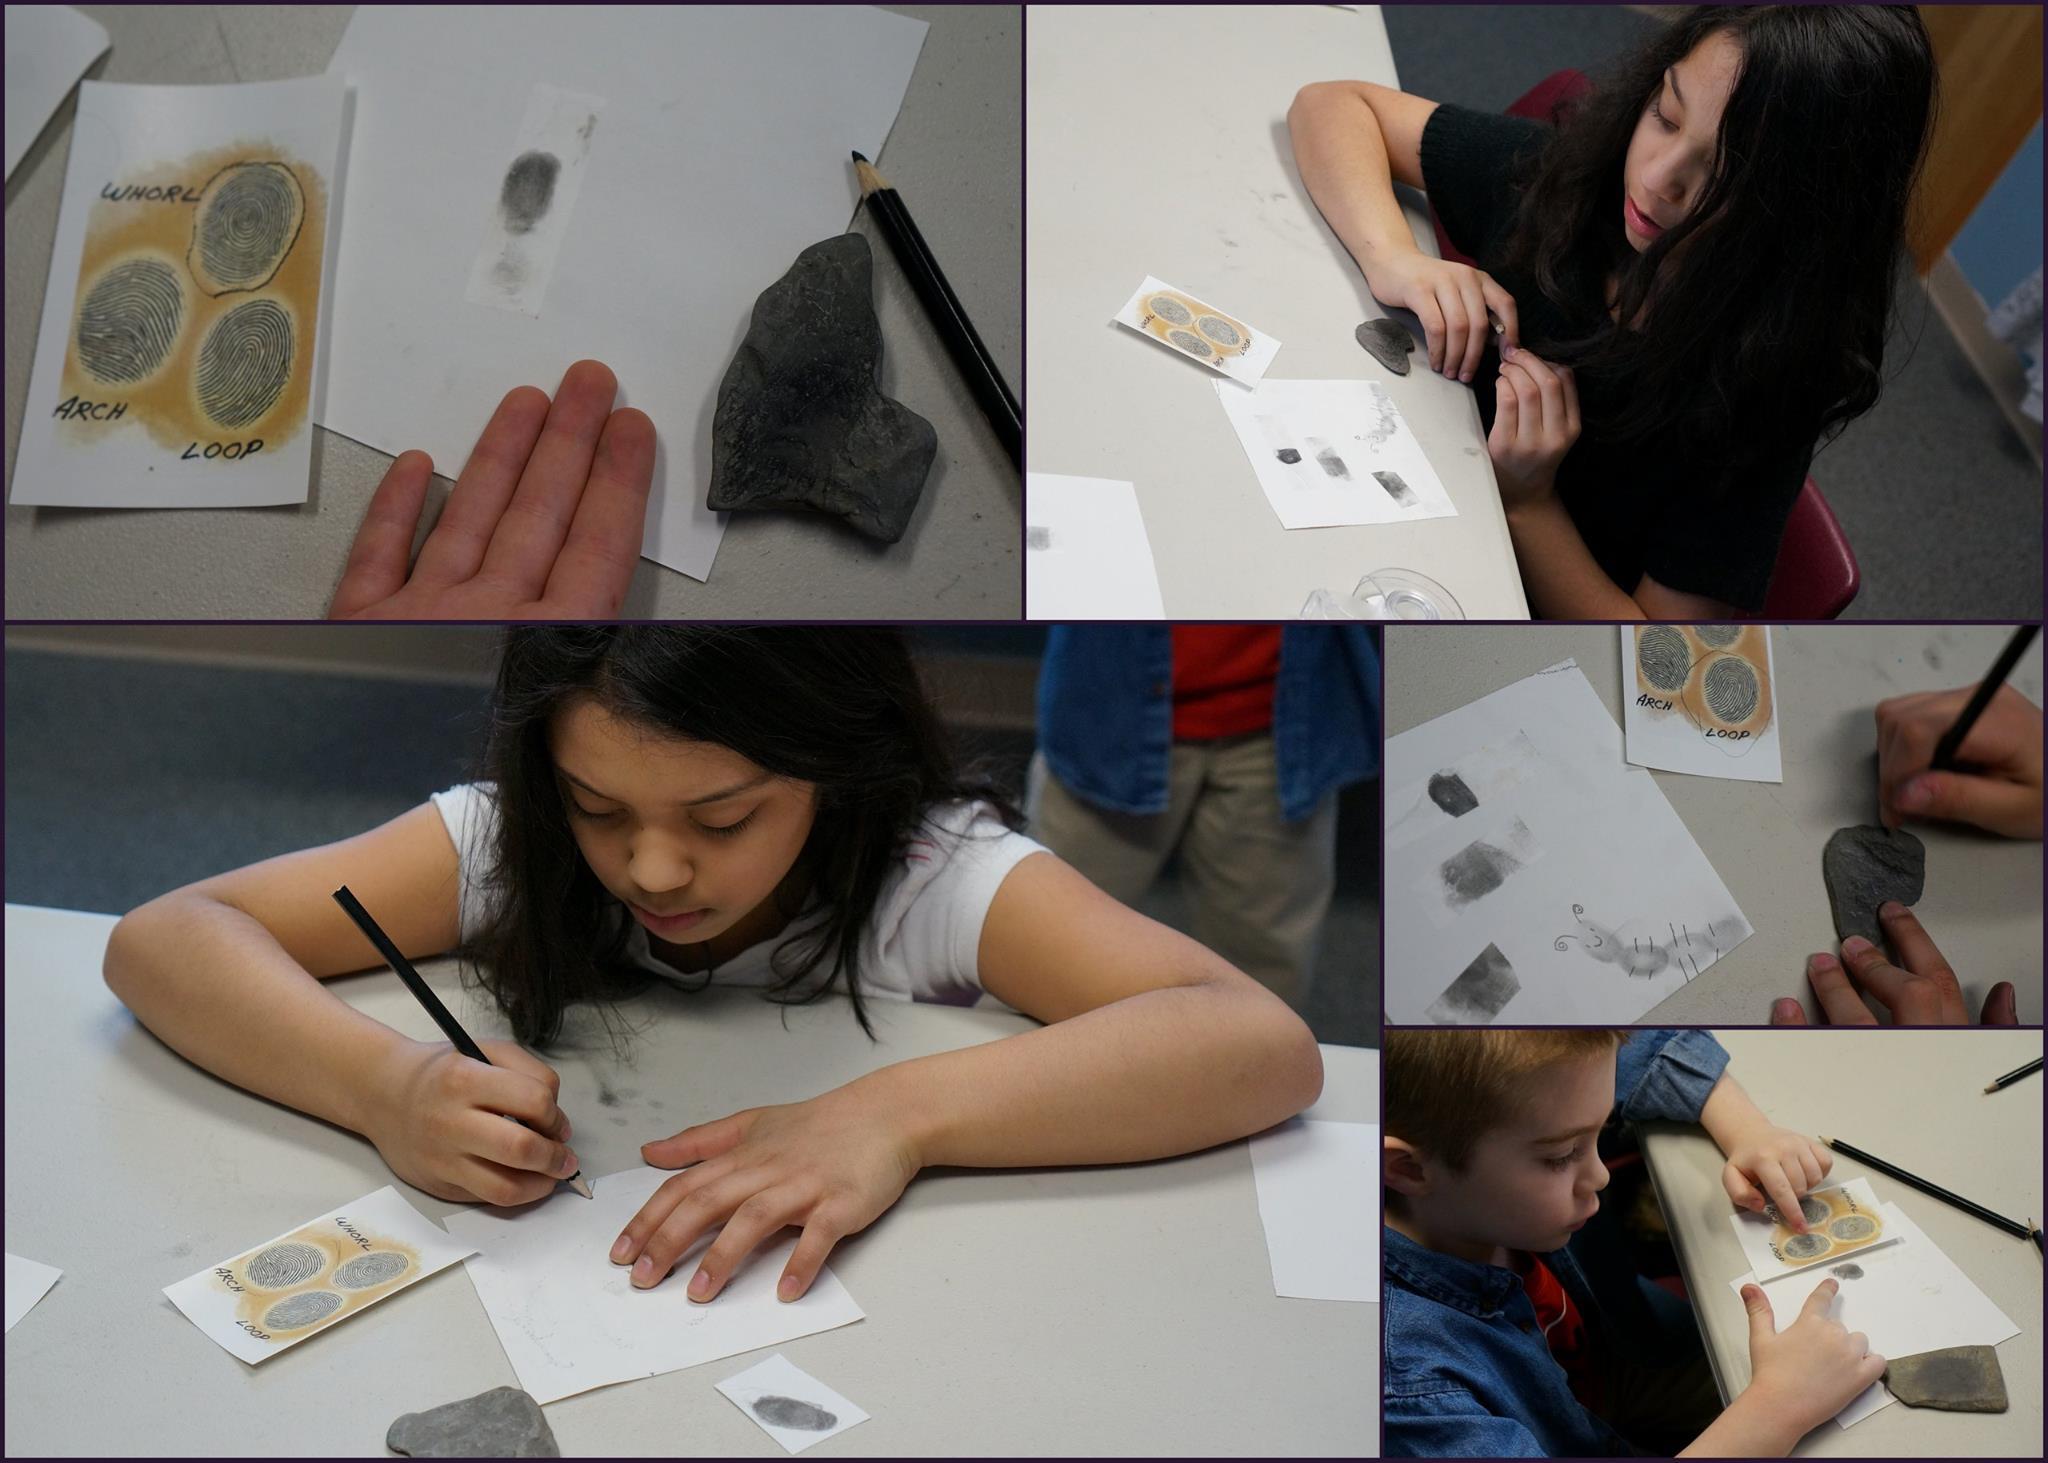 Fingerprint work